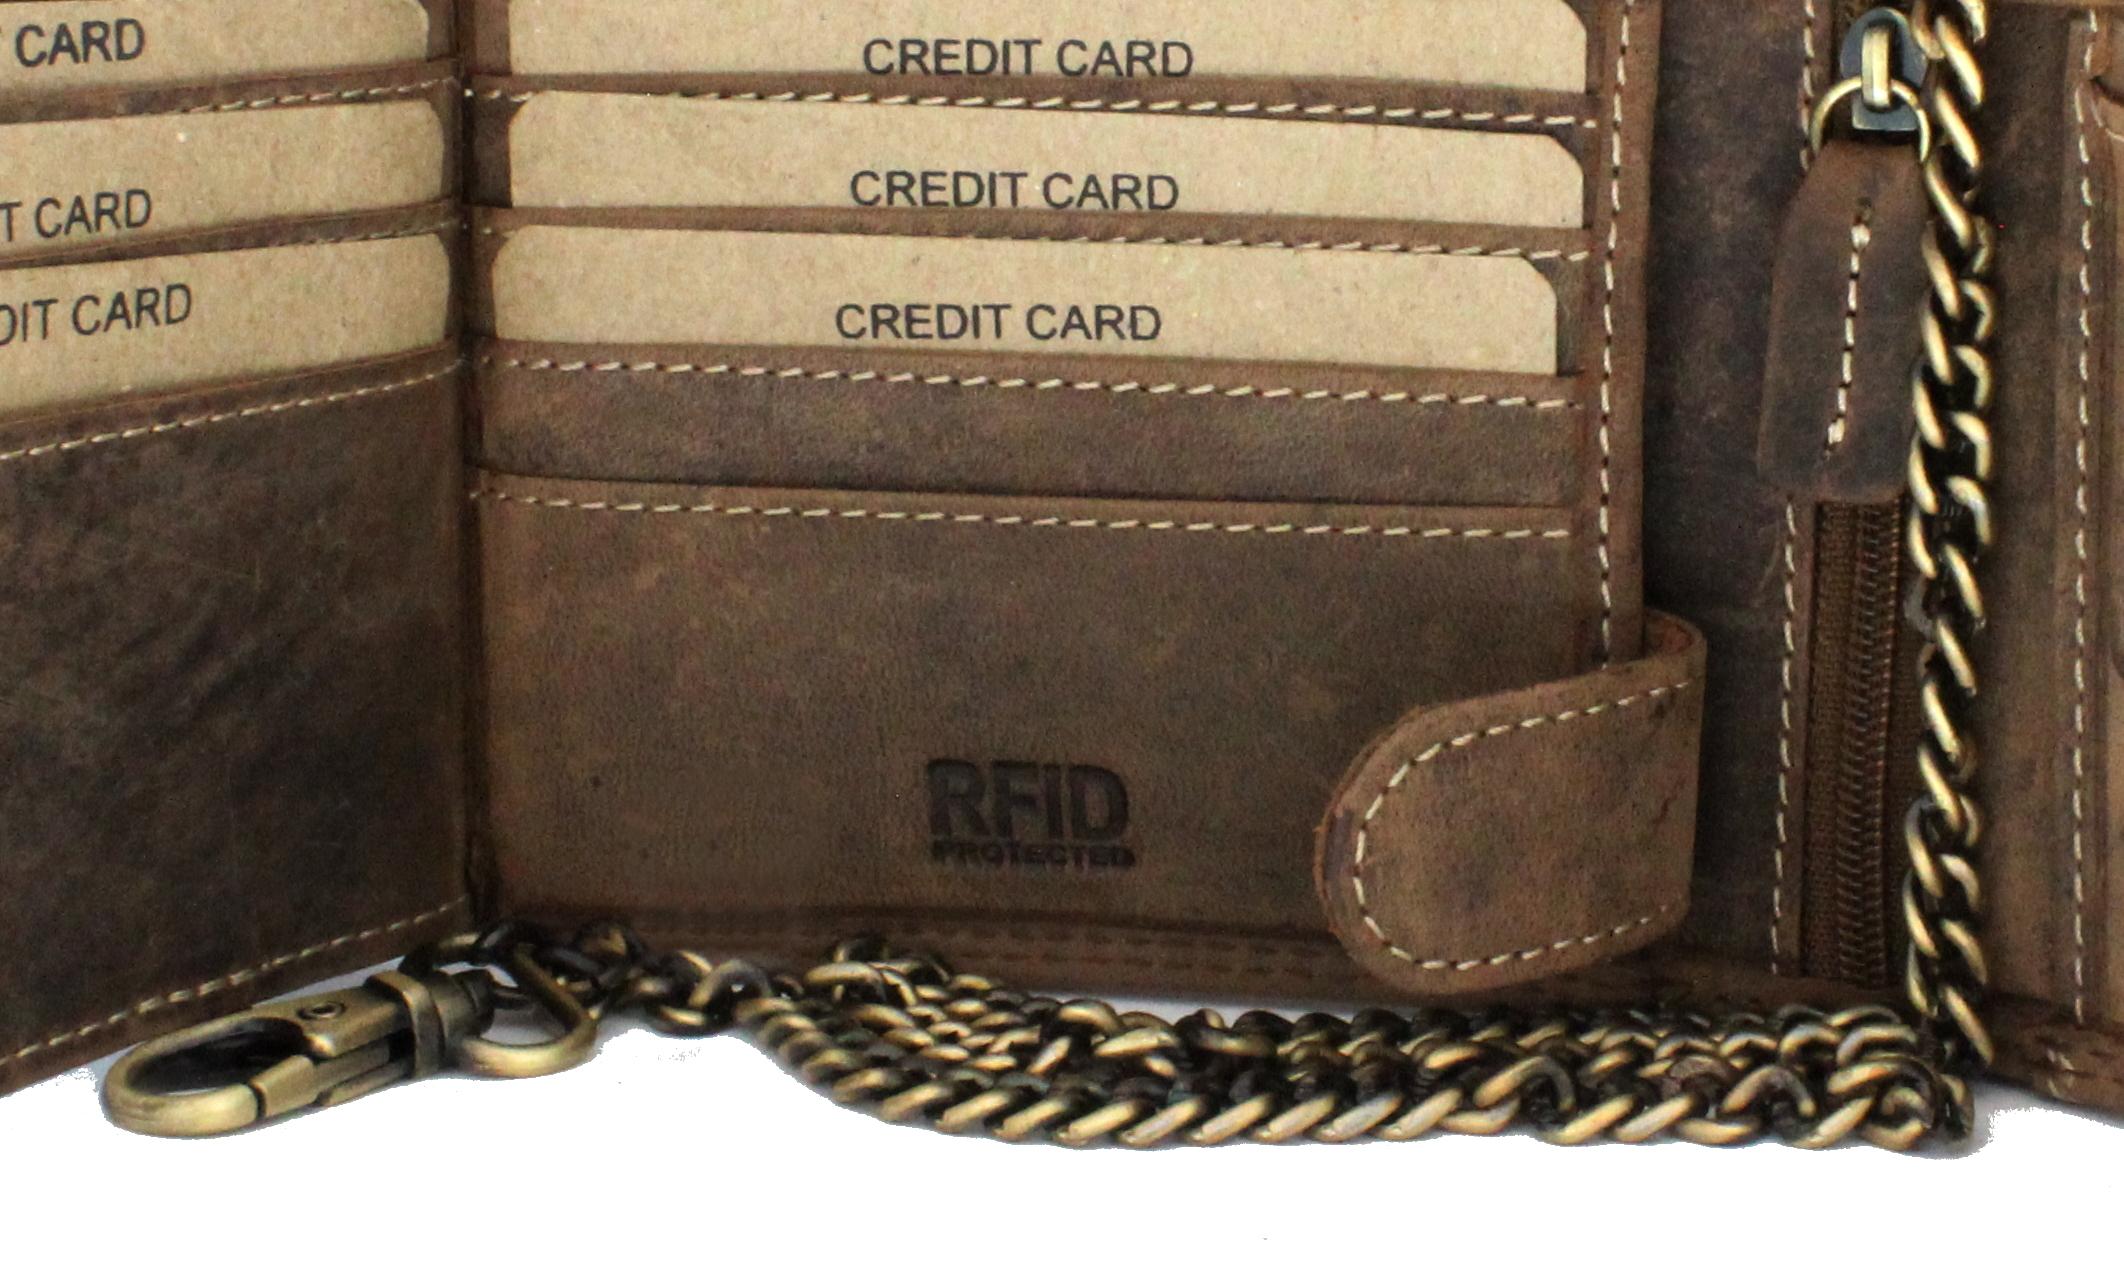 Herren Voll Leder Geldbörse mit RFID und NFC Schutz im Querformat im Vintage Look mit Sicherheitskette